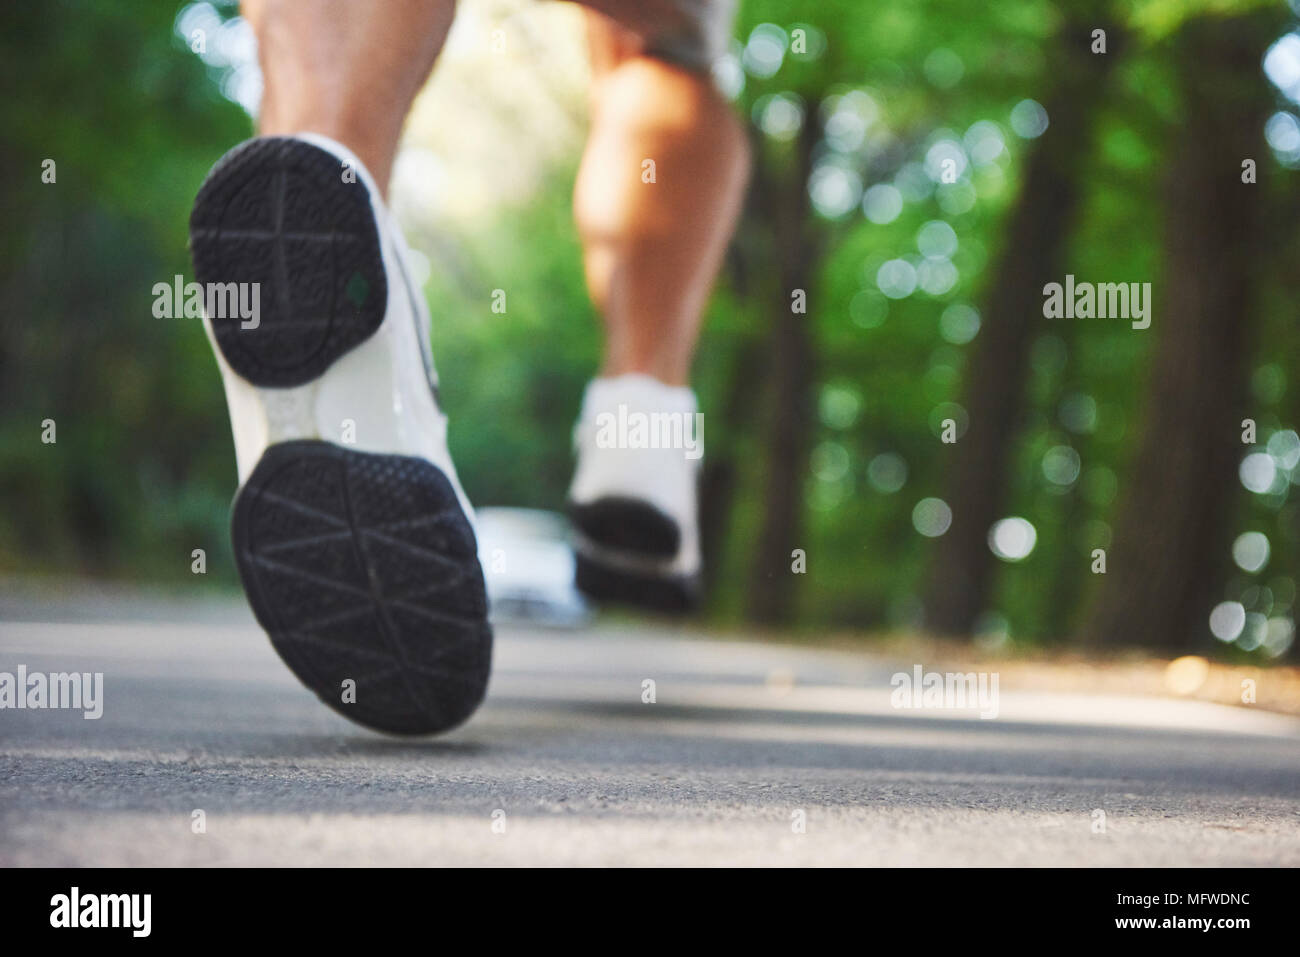 Piscine de la course cross-country dans le concept de l'exercice, de fitness et de mode de vie sain. Close up de pieds de jeune homme qui court le long du canal dans le parc de la route Photo Stock